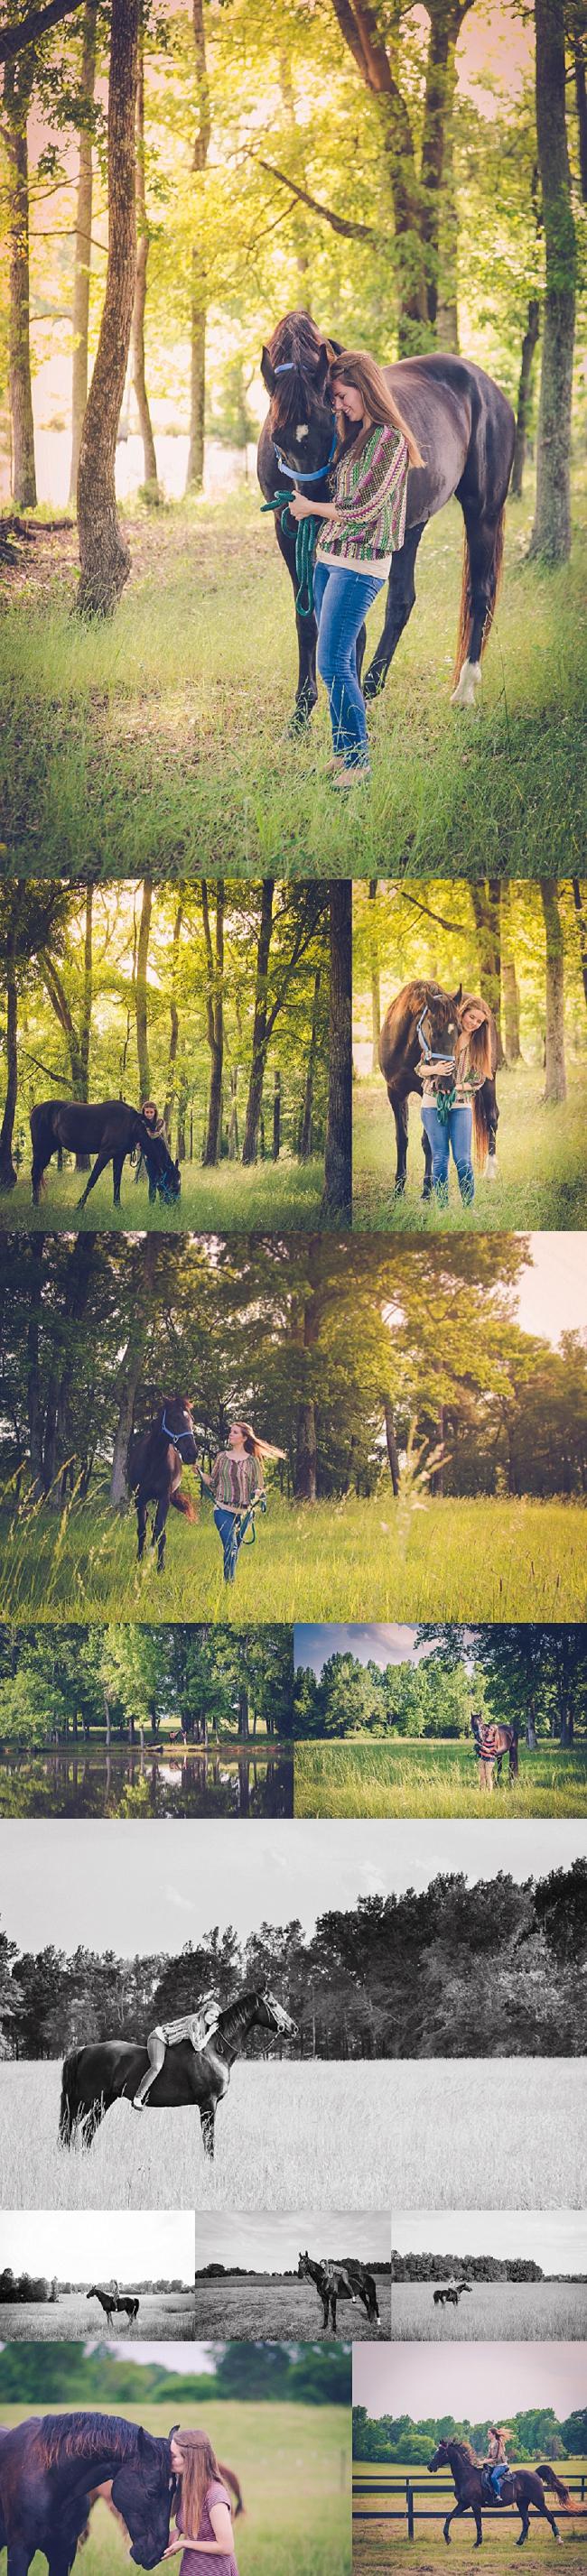 senior-girl-horse-2016-2817